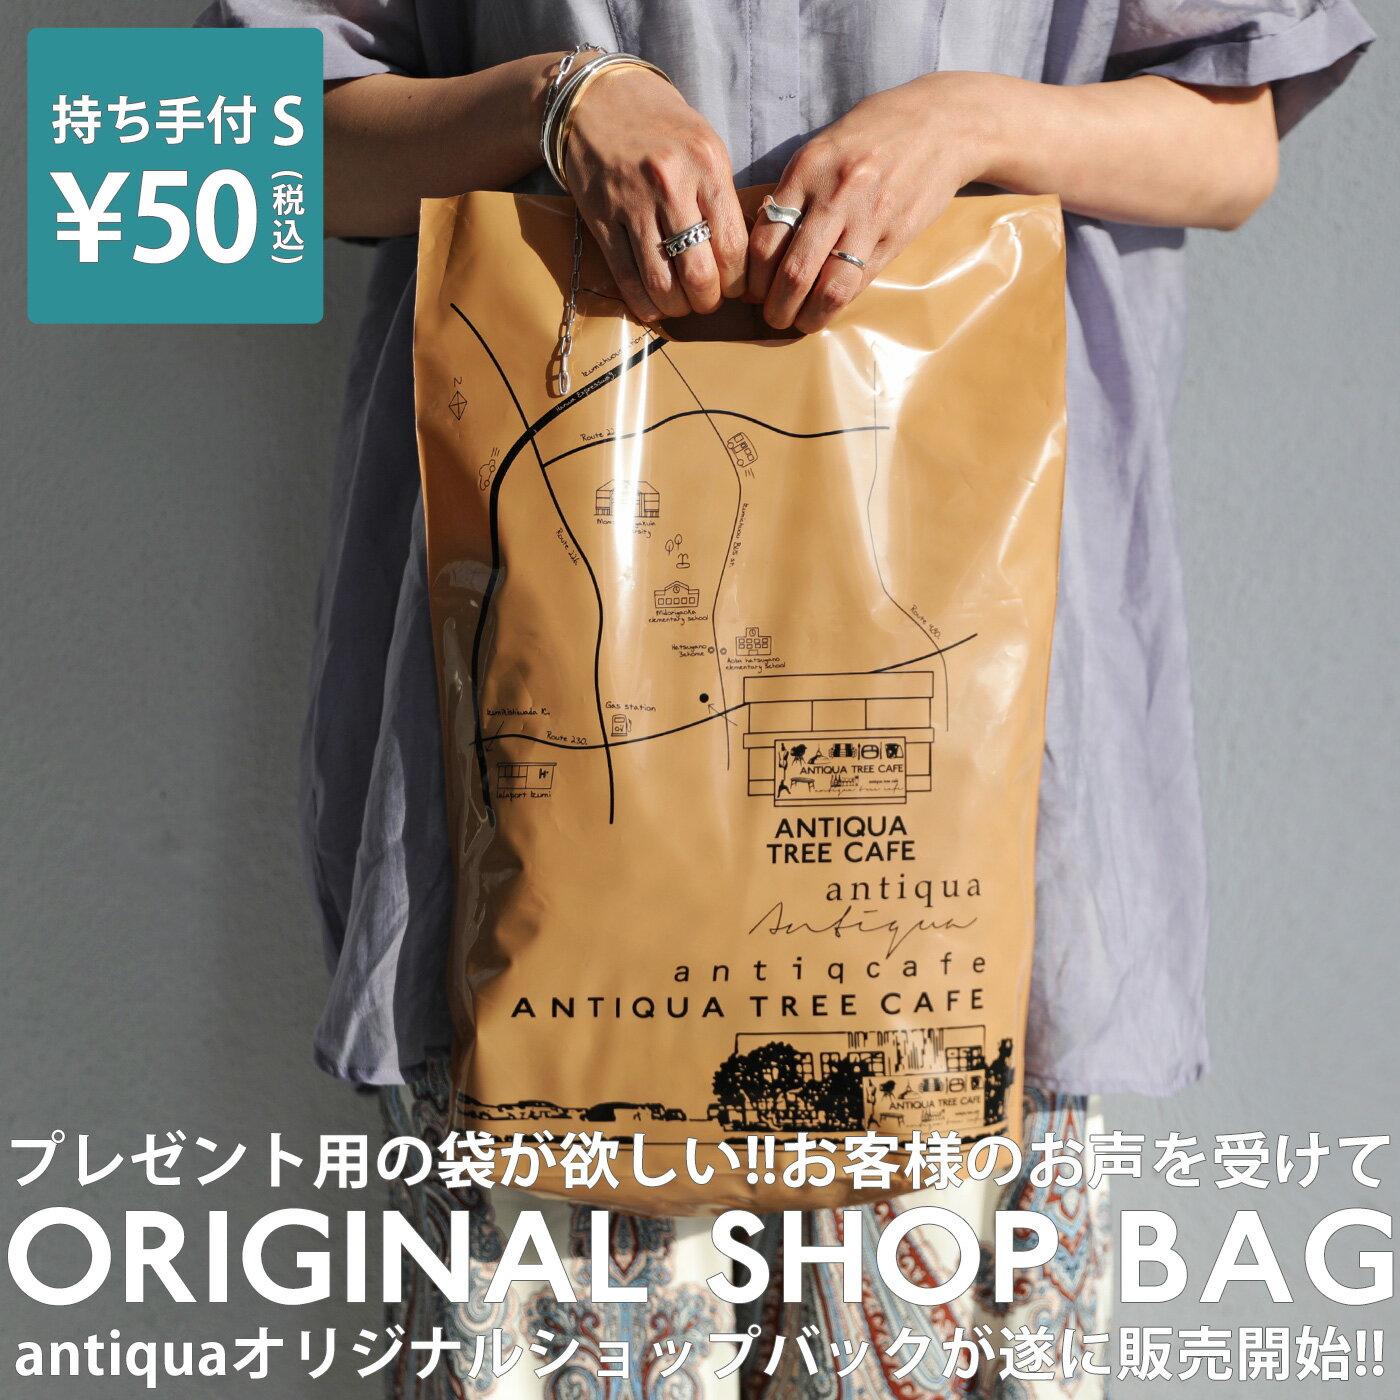 antiqua オリジナルショップバッグ 持ち手付Sサイズ・4月19日0時~発売。(1)メール便可 母の日